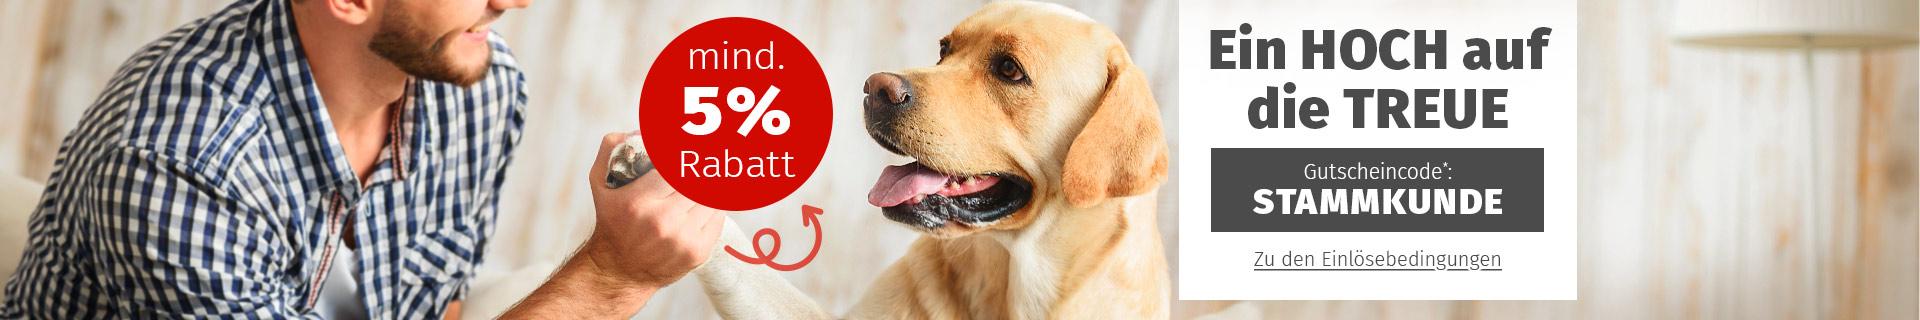 Hundeland Stammkunde